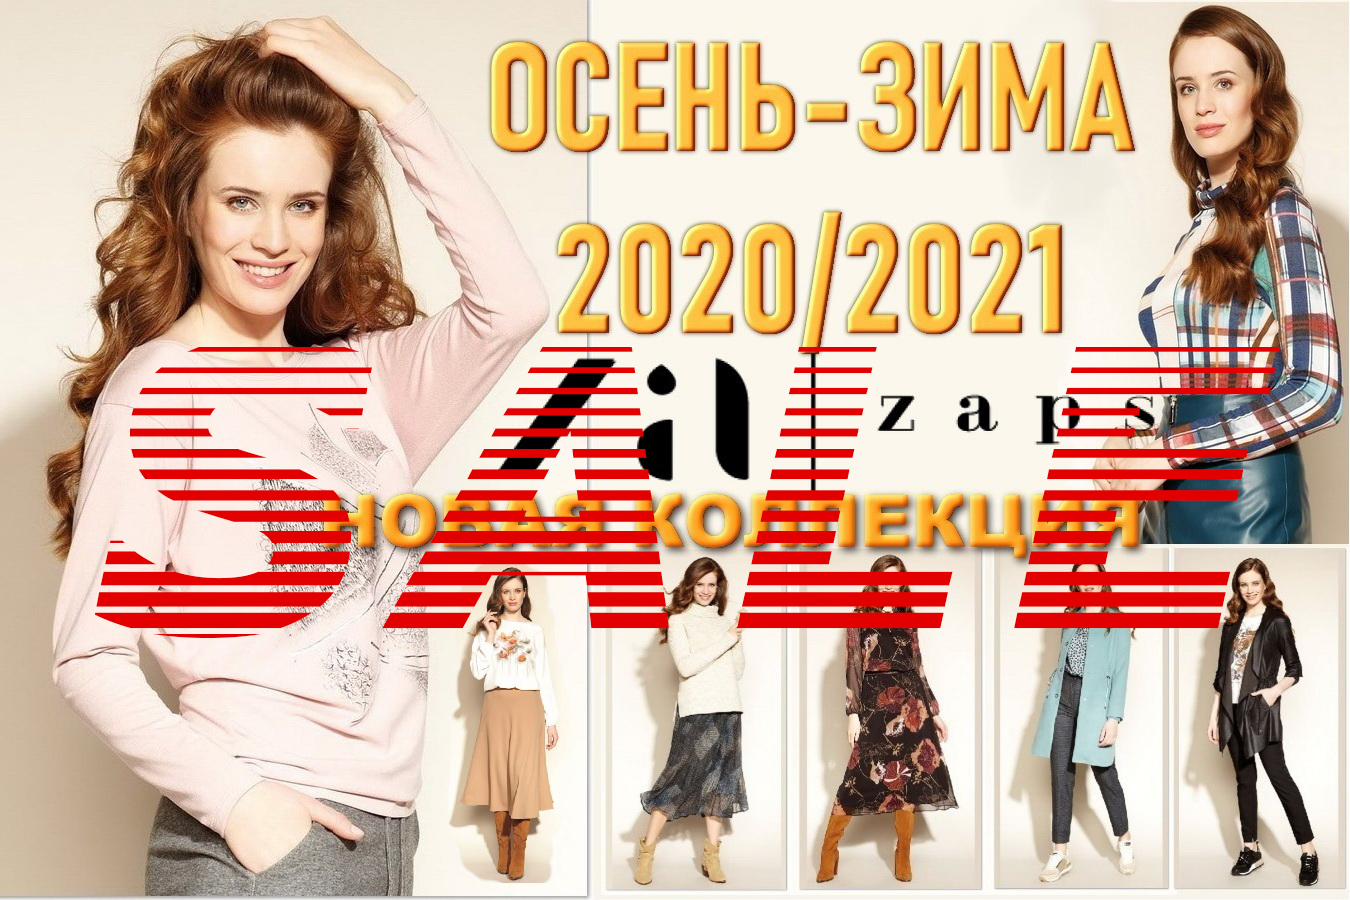 zaps-2021-2